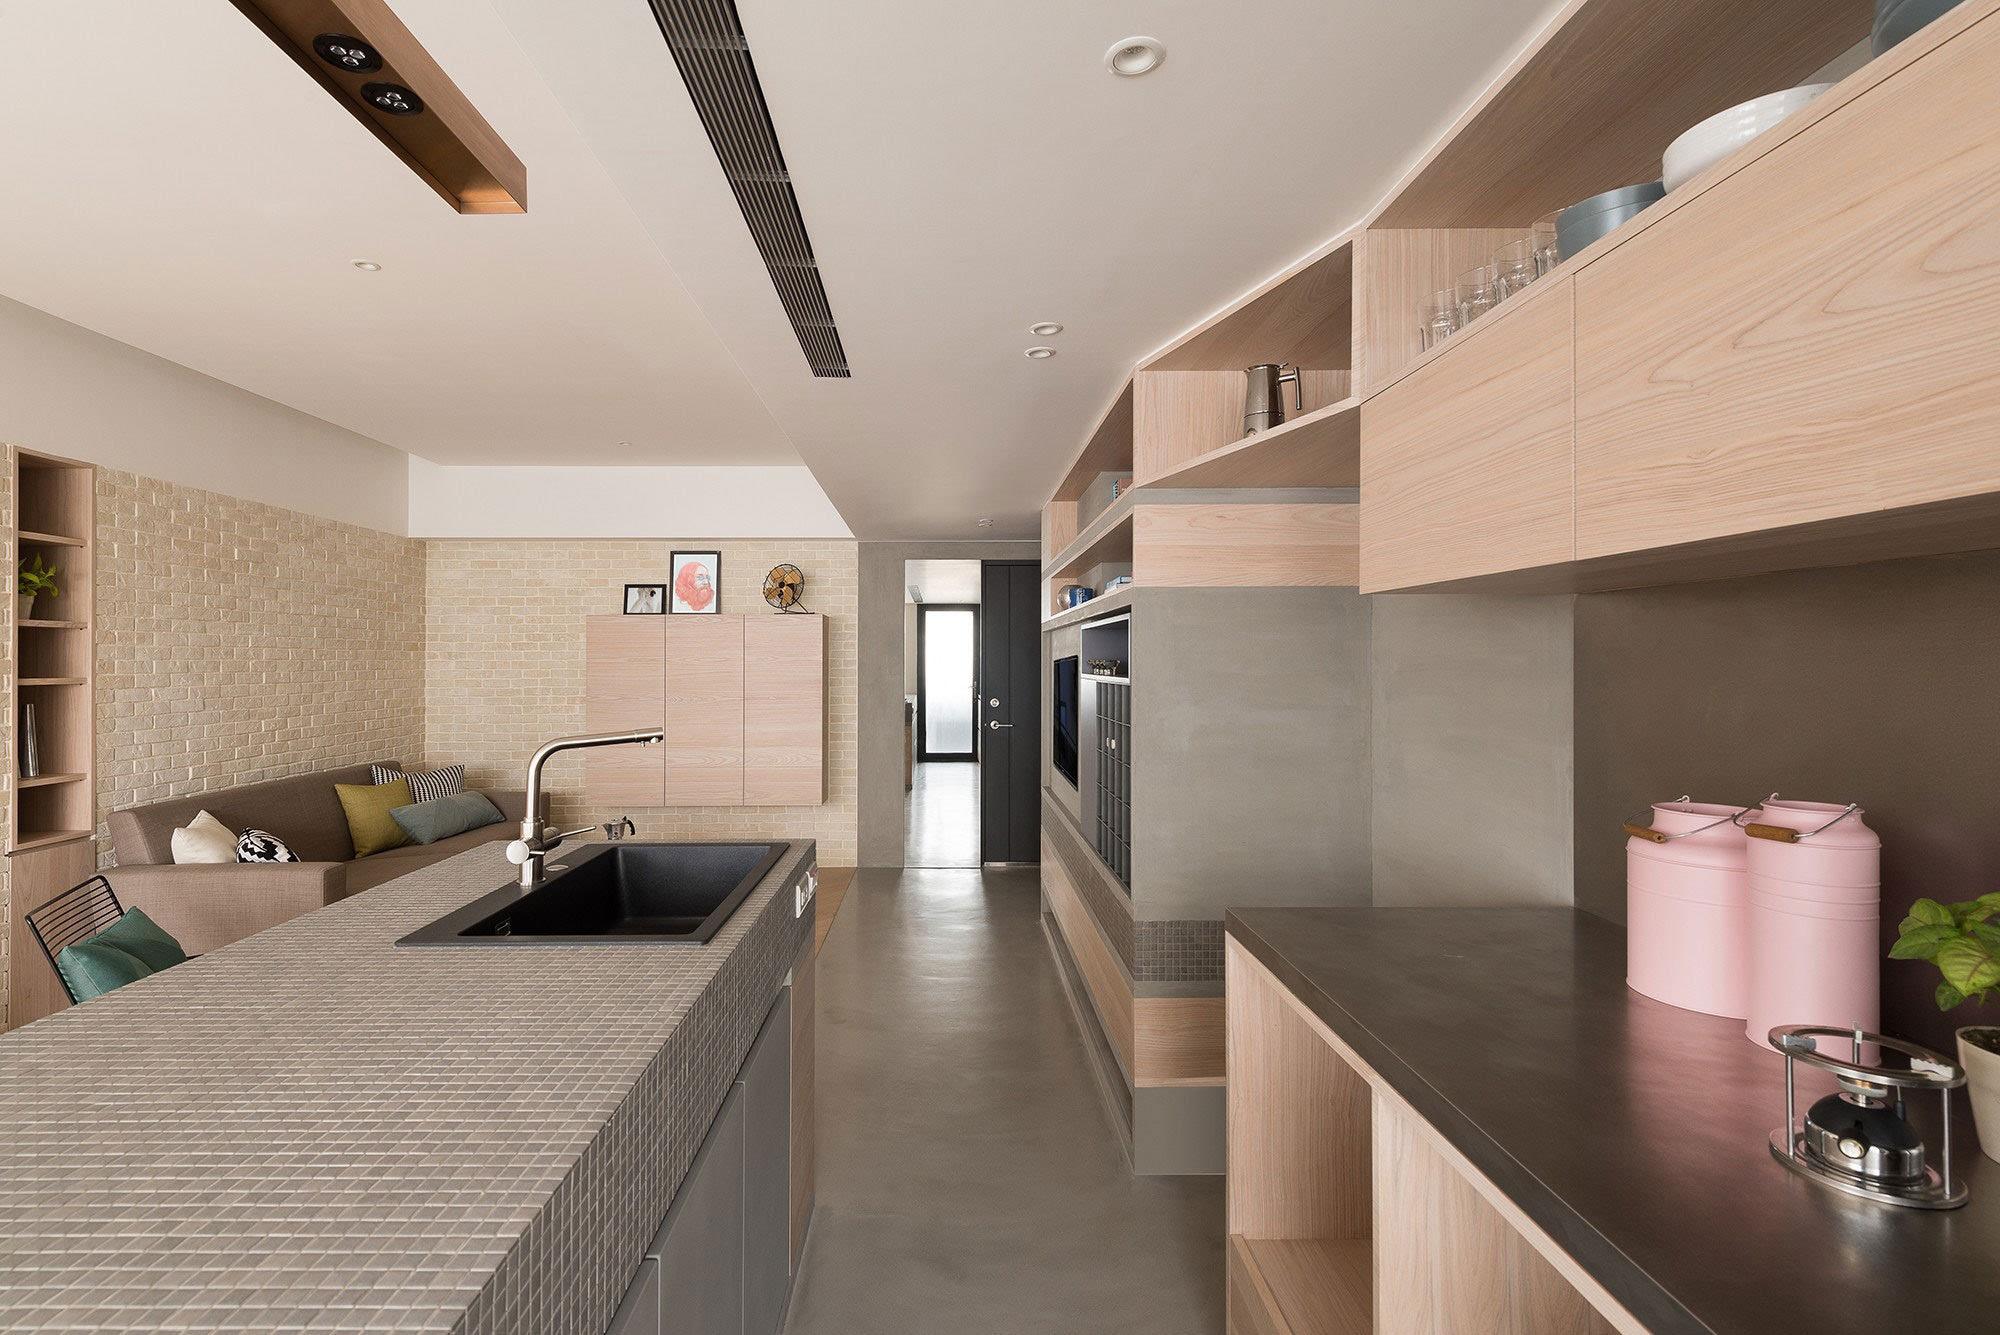 三室两厅创意装修图片 摈弃 多余修饰